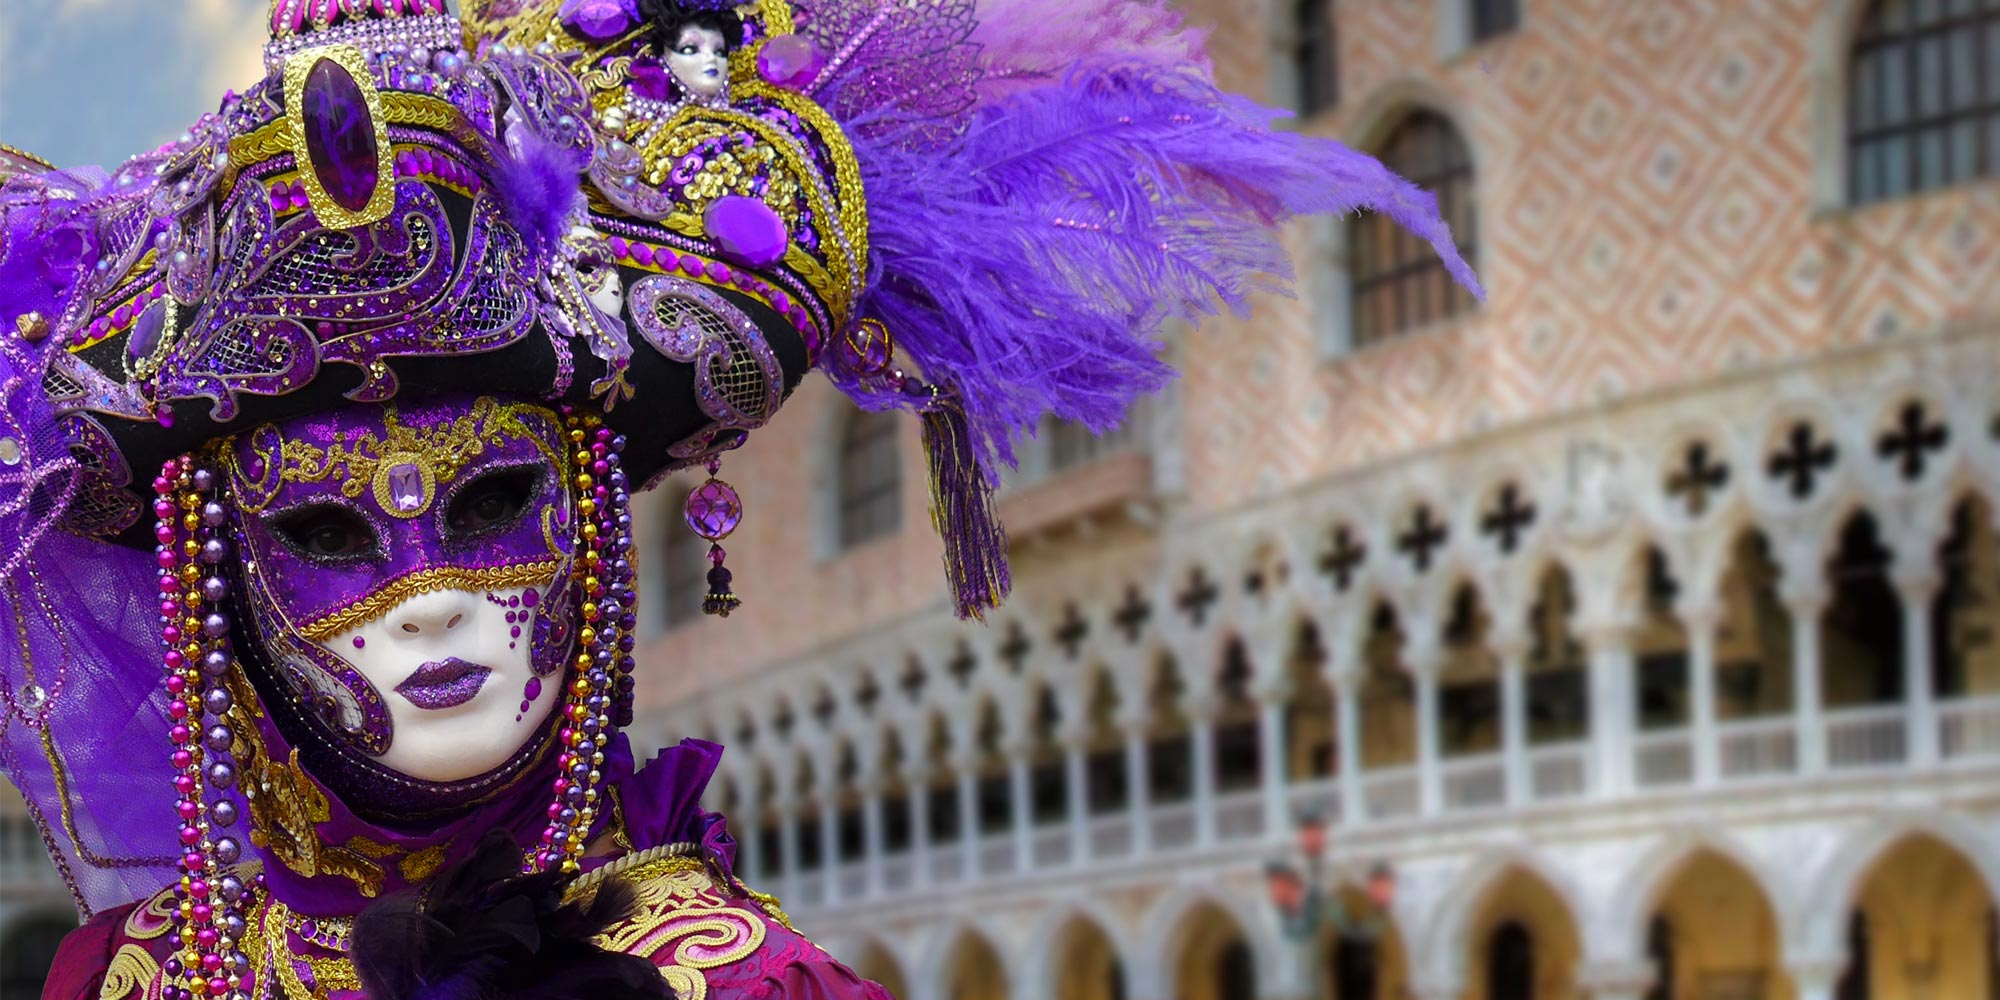 , IL CARNEVALE D'IVREA, VENEZIA E MILANO. VIAGGIO NEI FESTEGGIAMENTI DEL NORD ITALIA